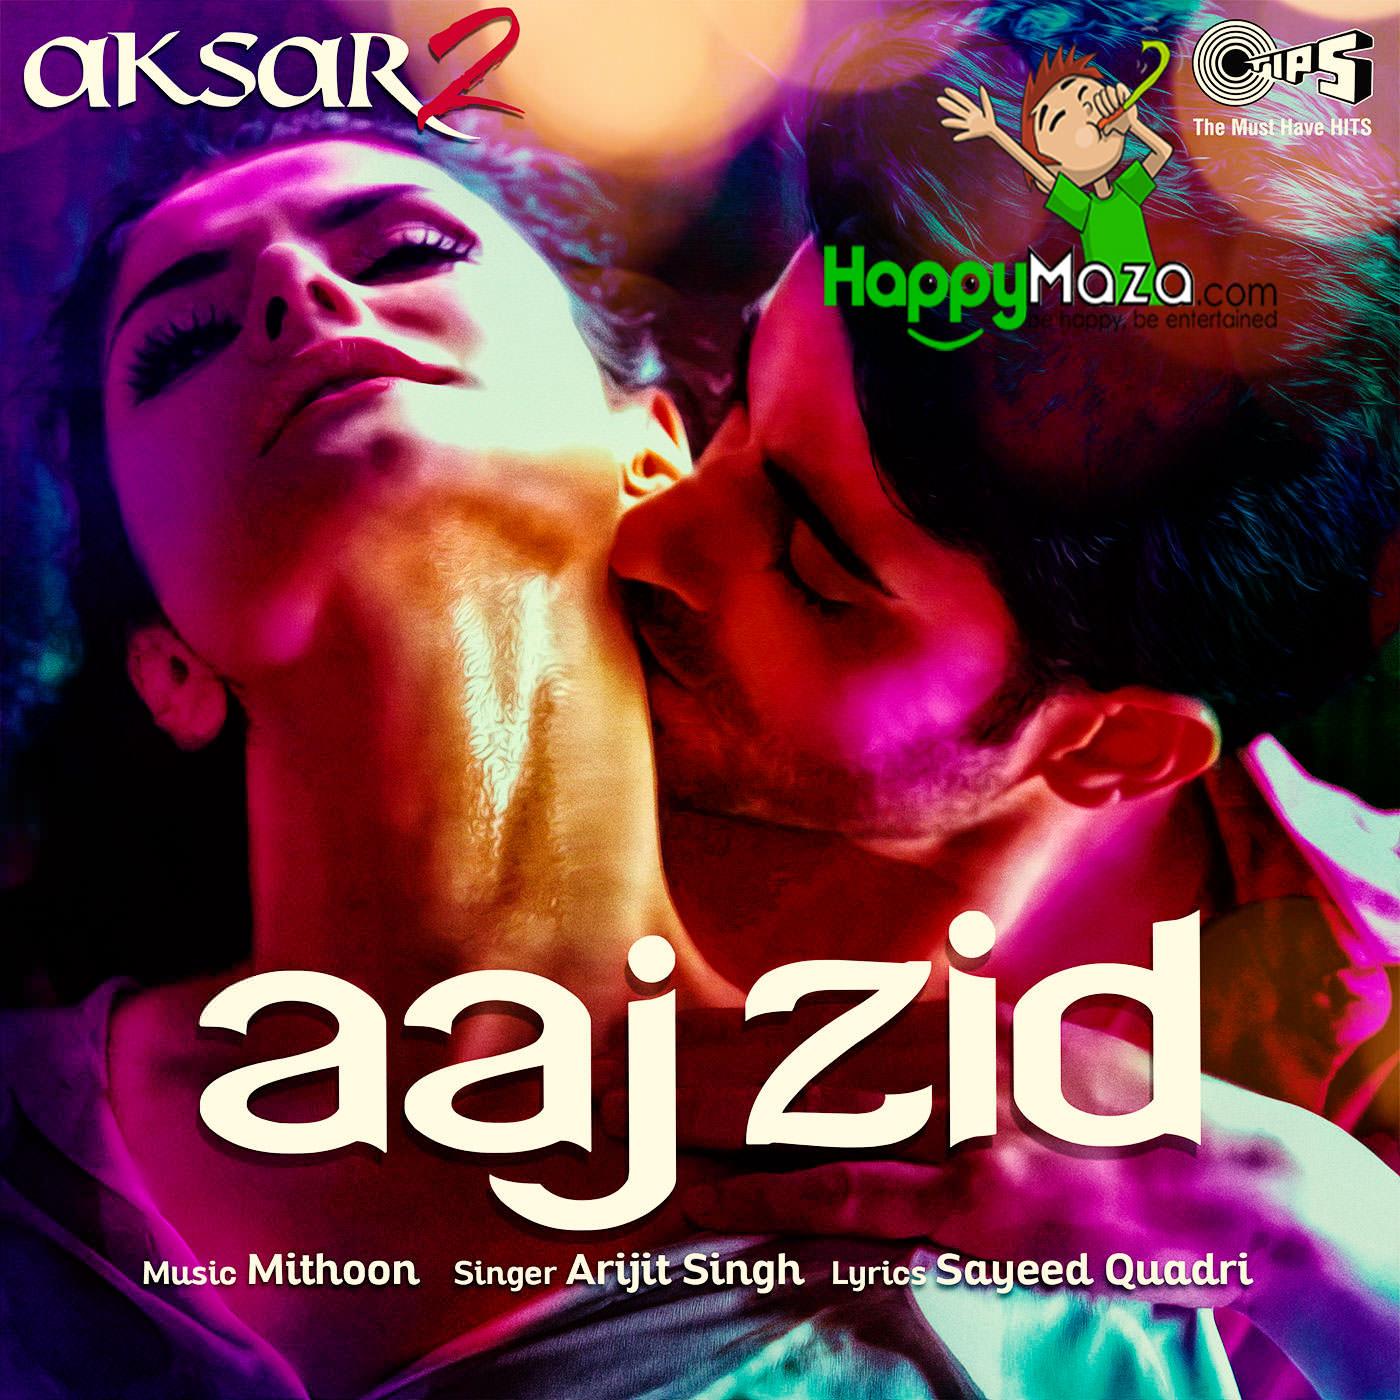 Bepanah Serial Bepanah Audio Song Download: Aaj Zid Lyrics - Aksar 2 - Arijit Singh - 2017